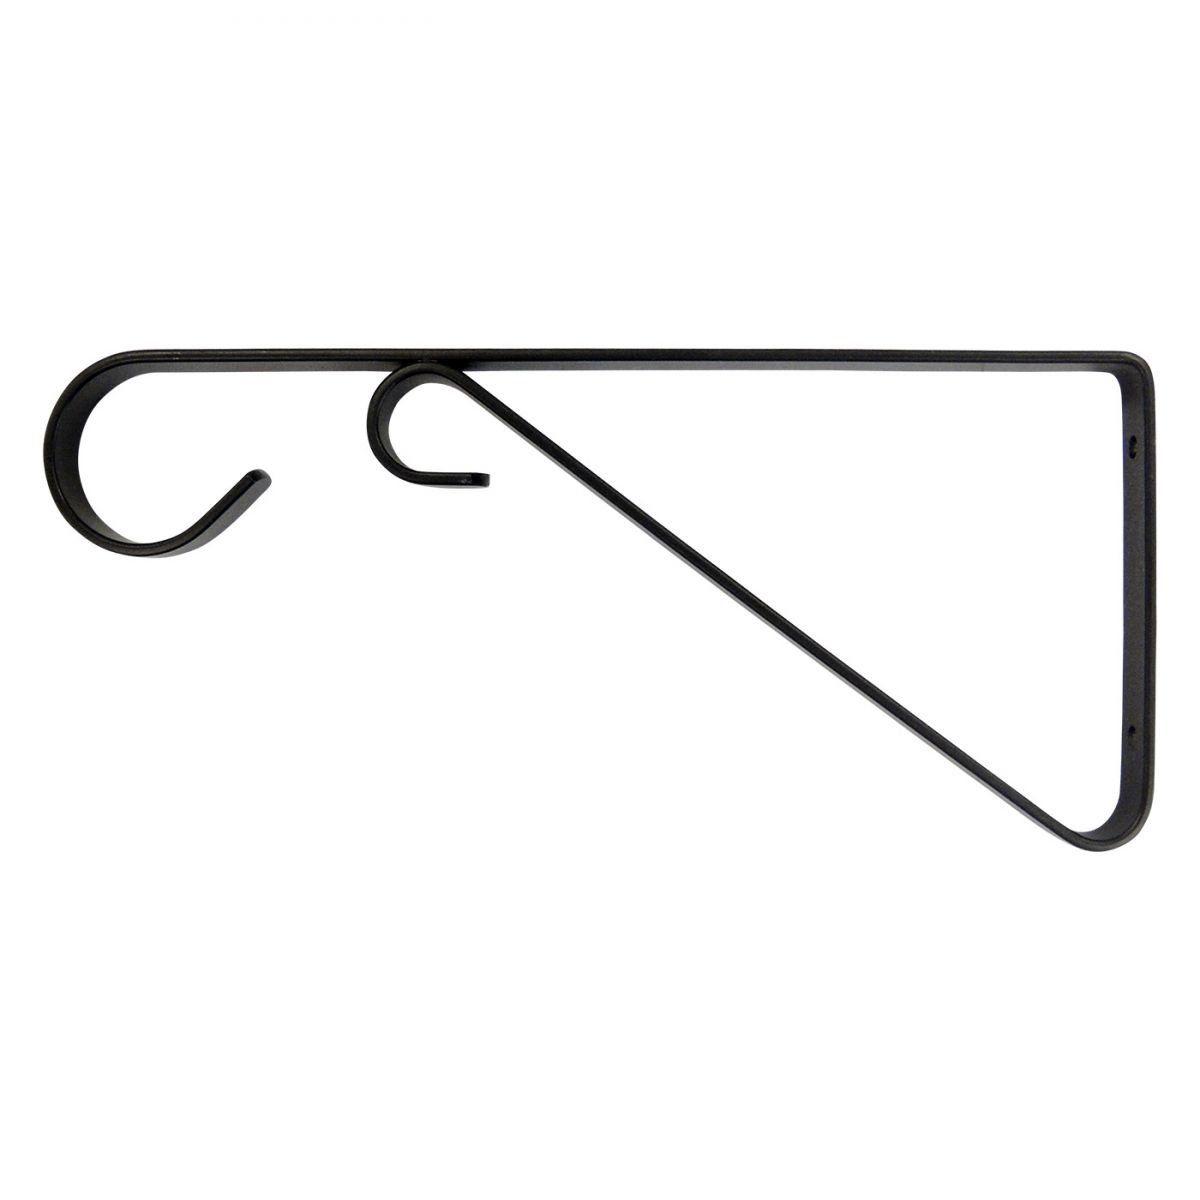 Suporte para vasos 30 cm - Preto